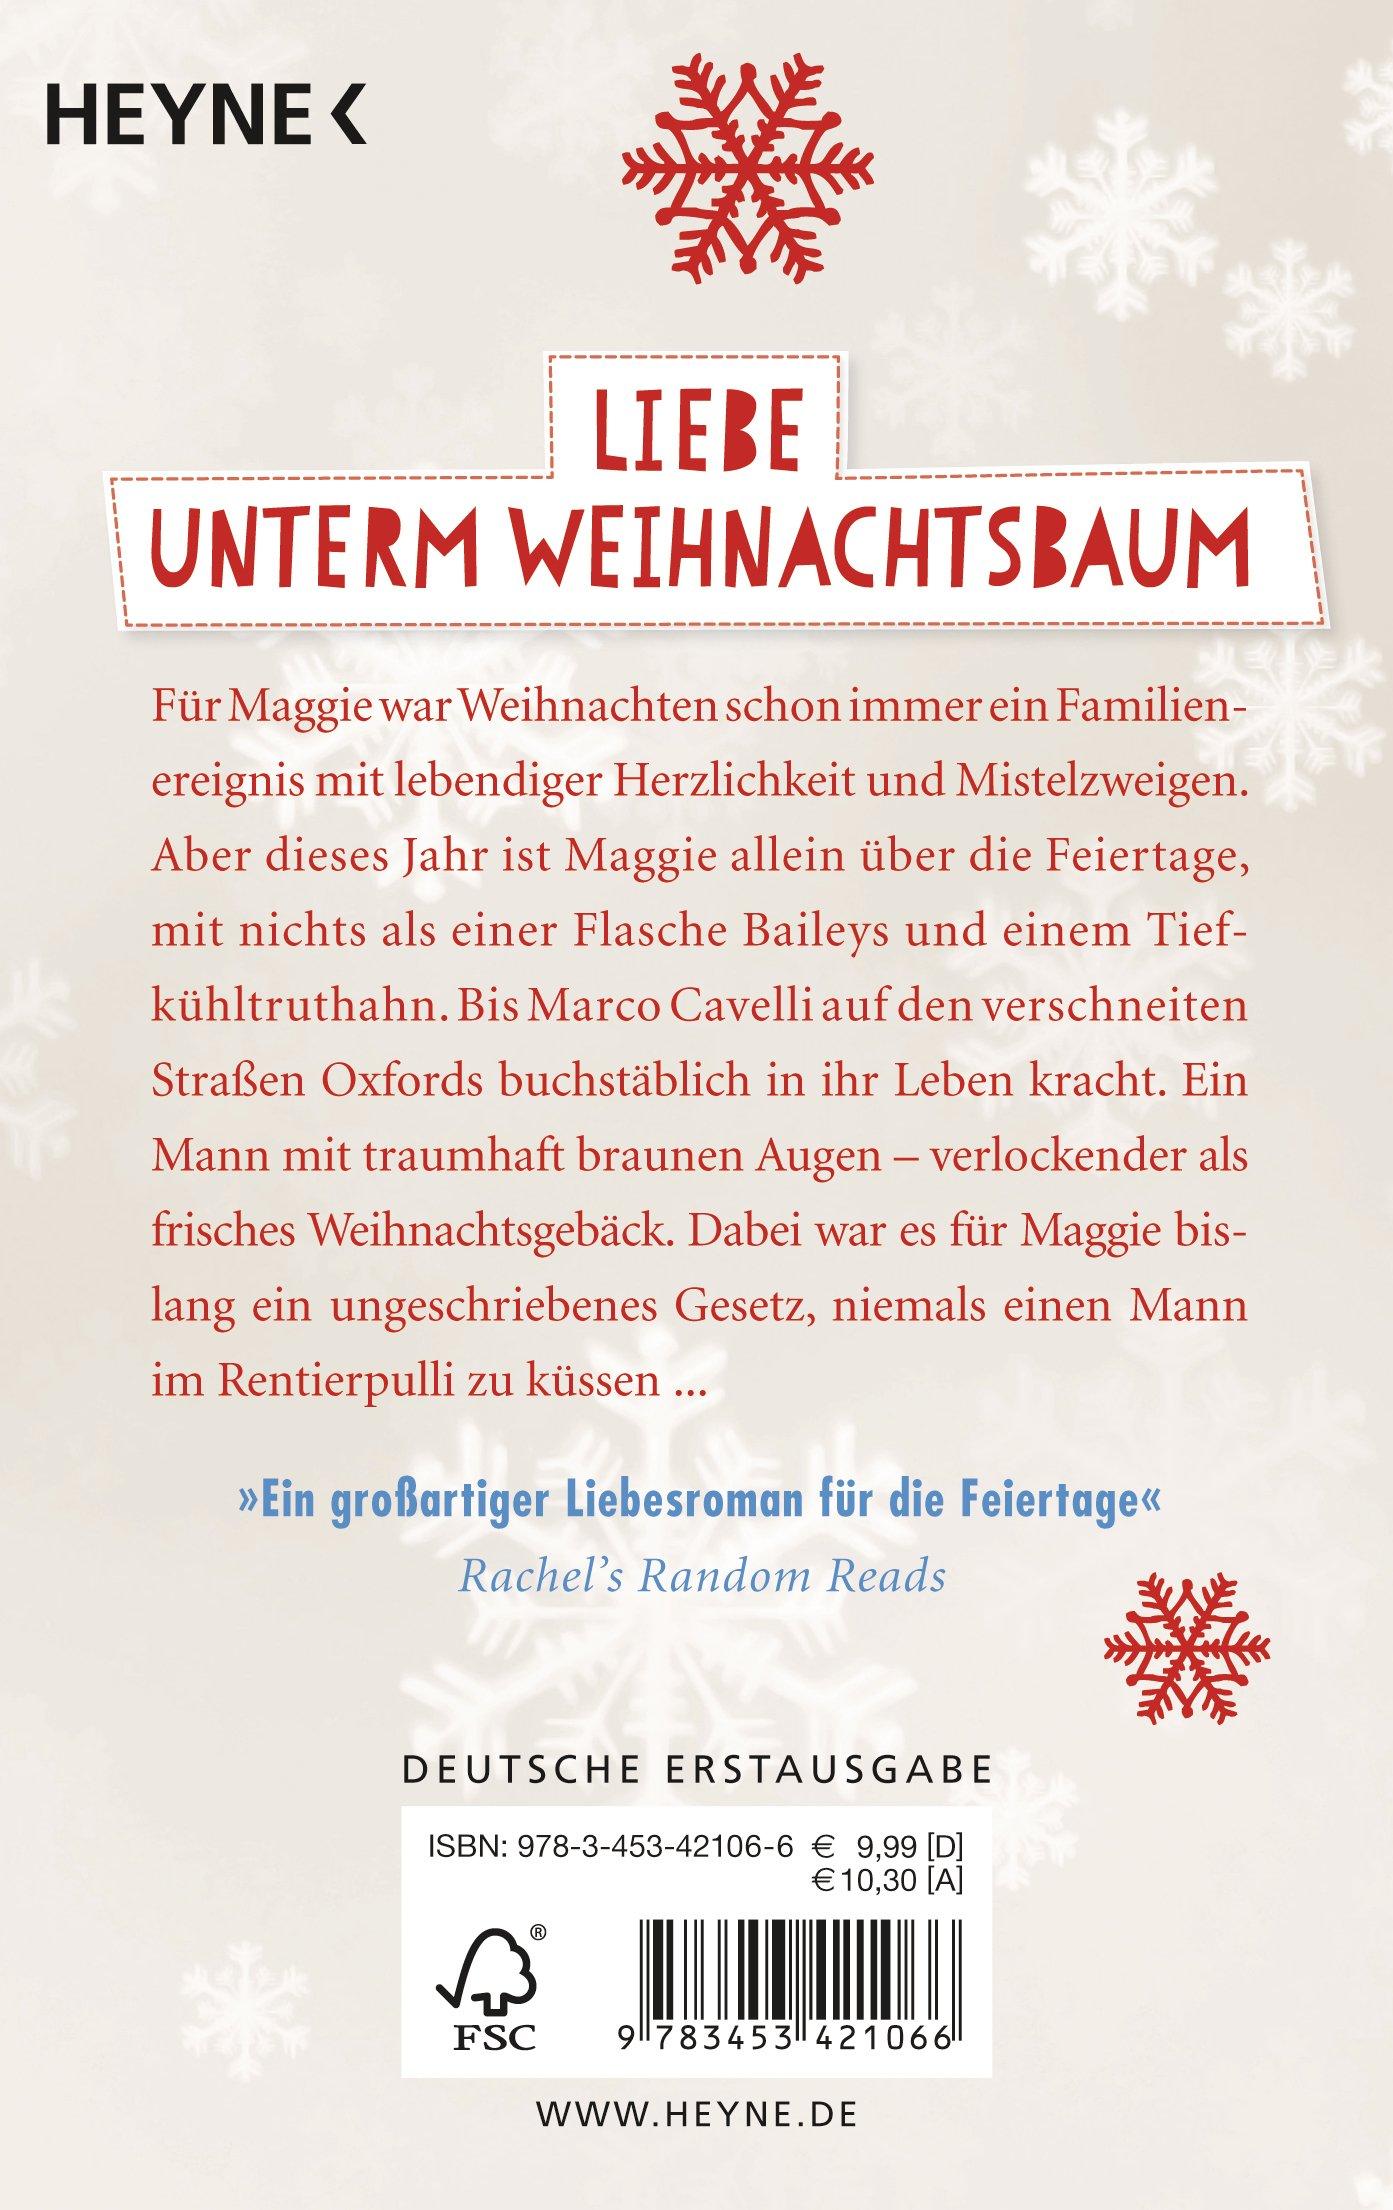 Weihnachtspunsch und Rentierpulli: Roman: Amazon.de: Debbie Johnson ...